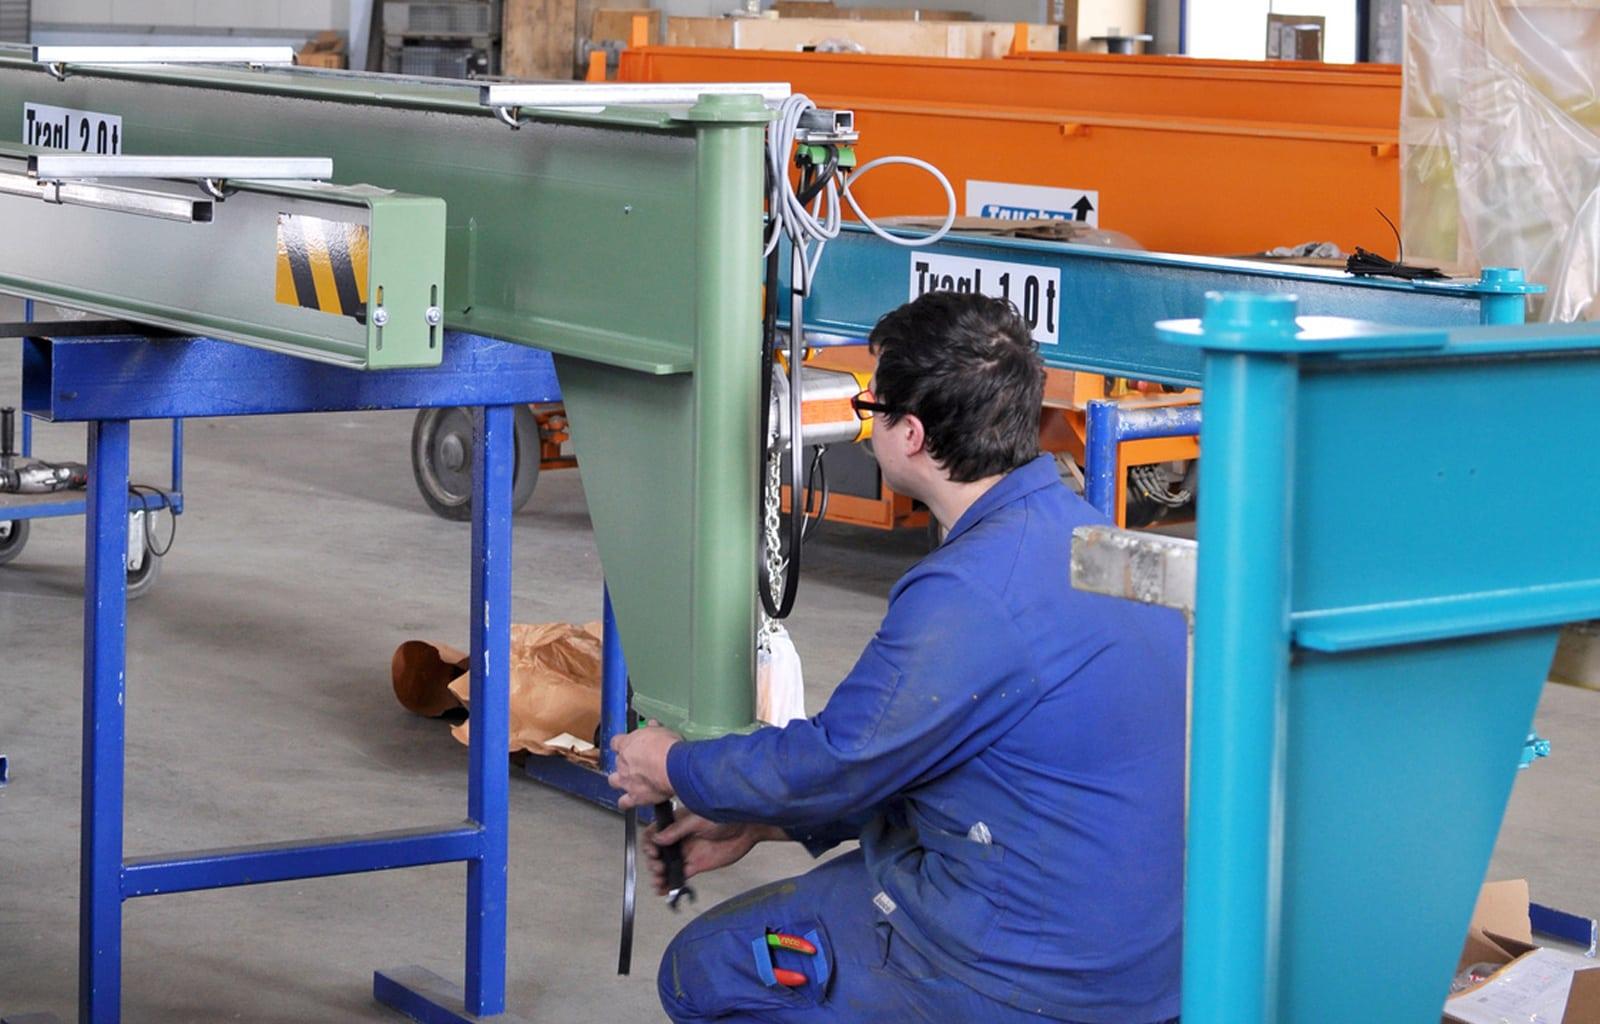 Metallbauer konstruiert Baugruppe